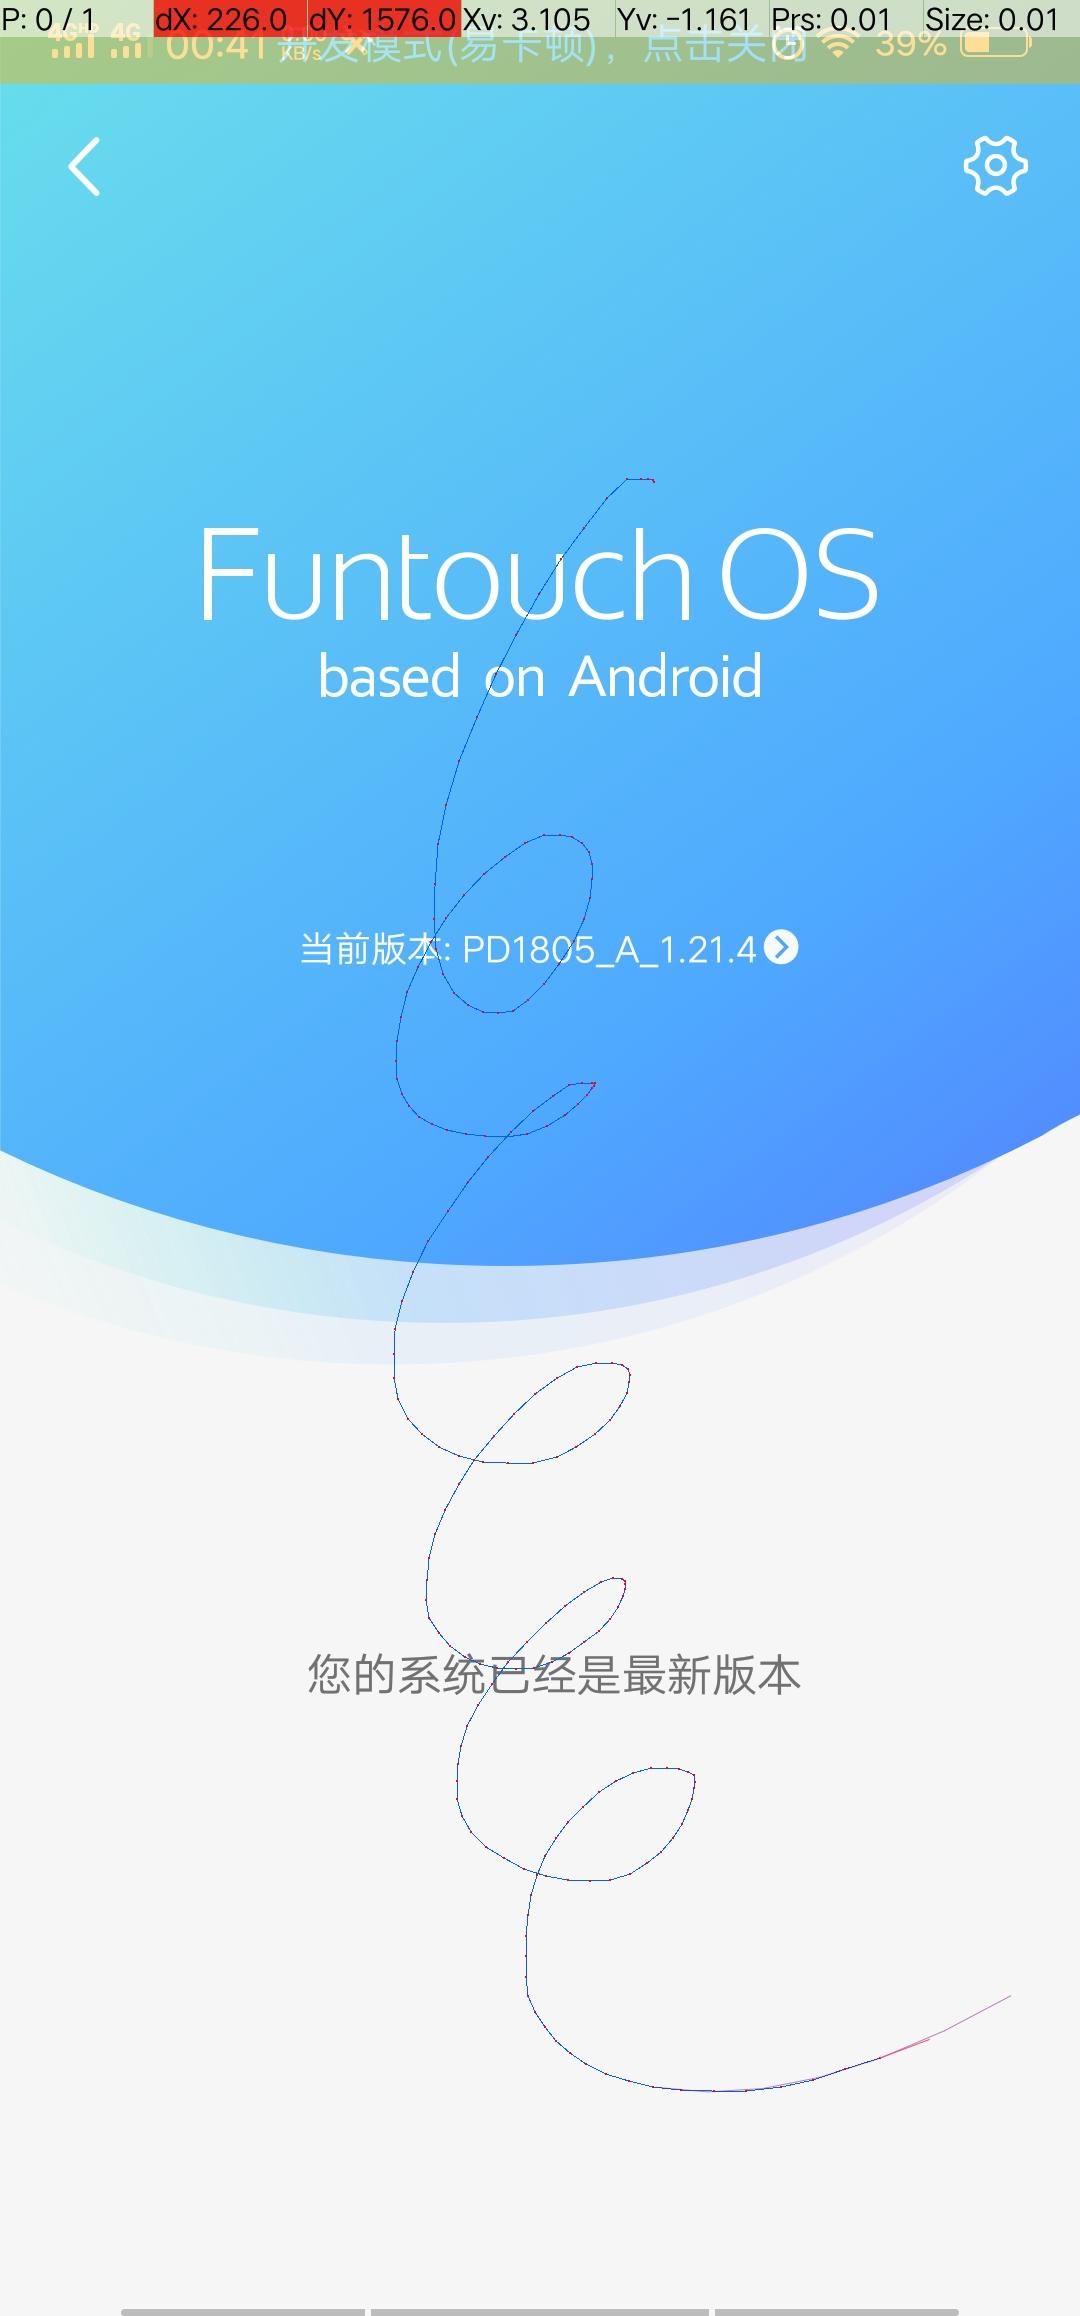 Screenshot_20181110_004154.jpg